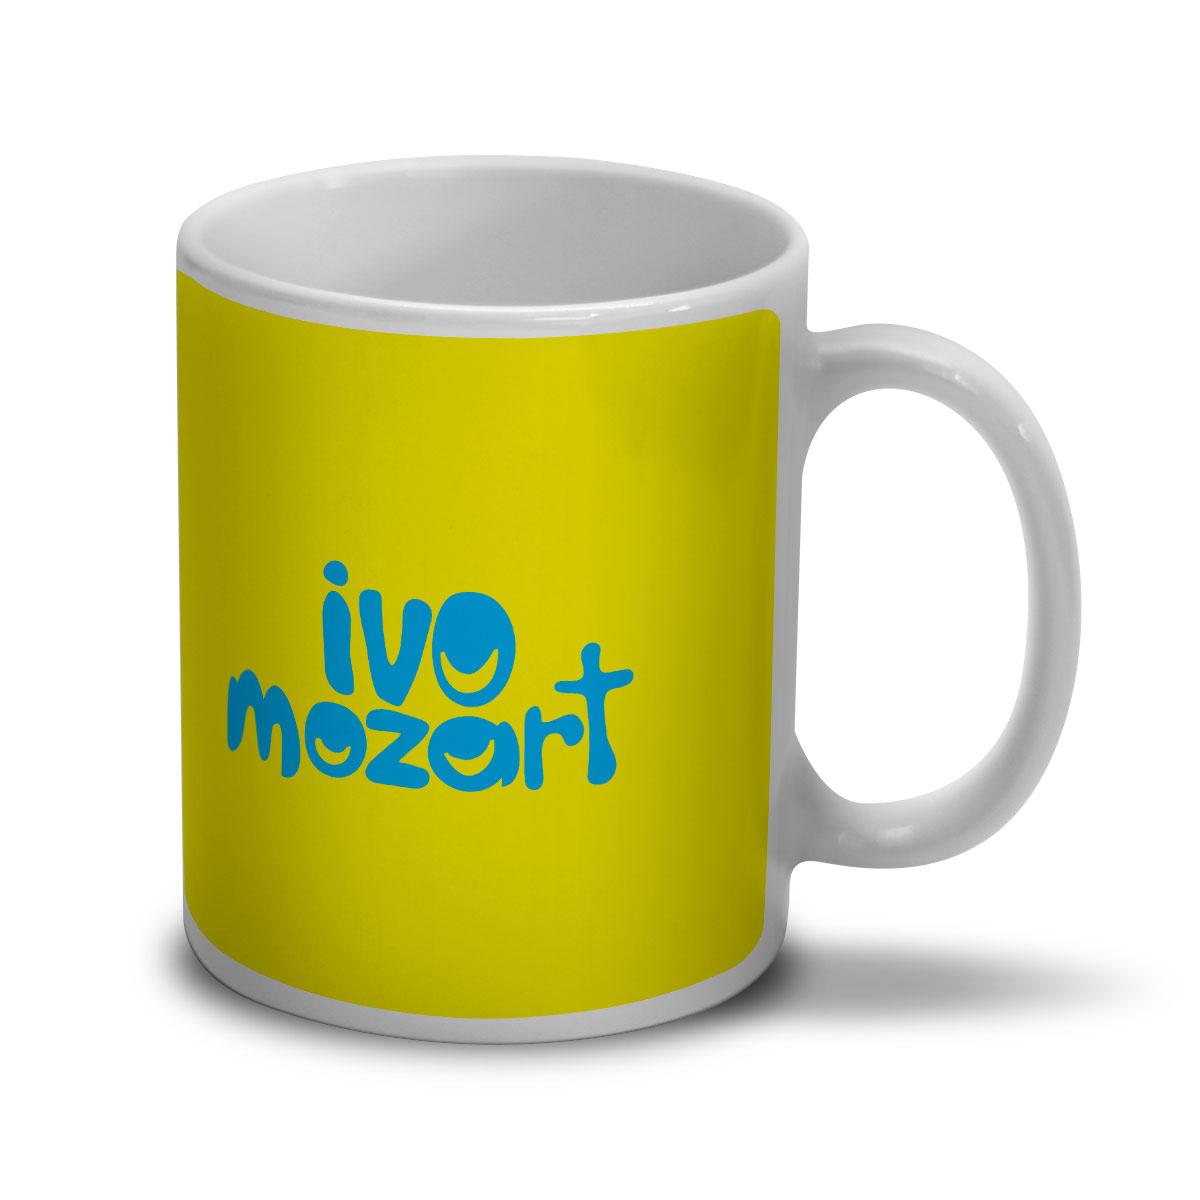 Caneca Ivo Mozart 29 Capa